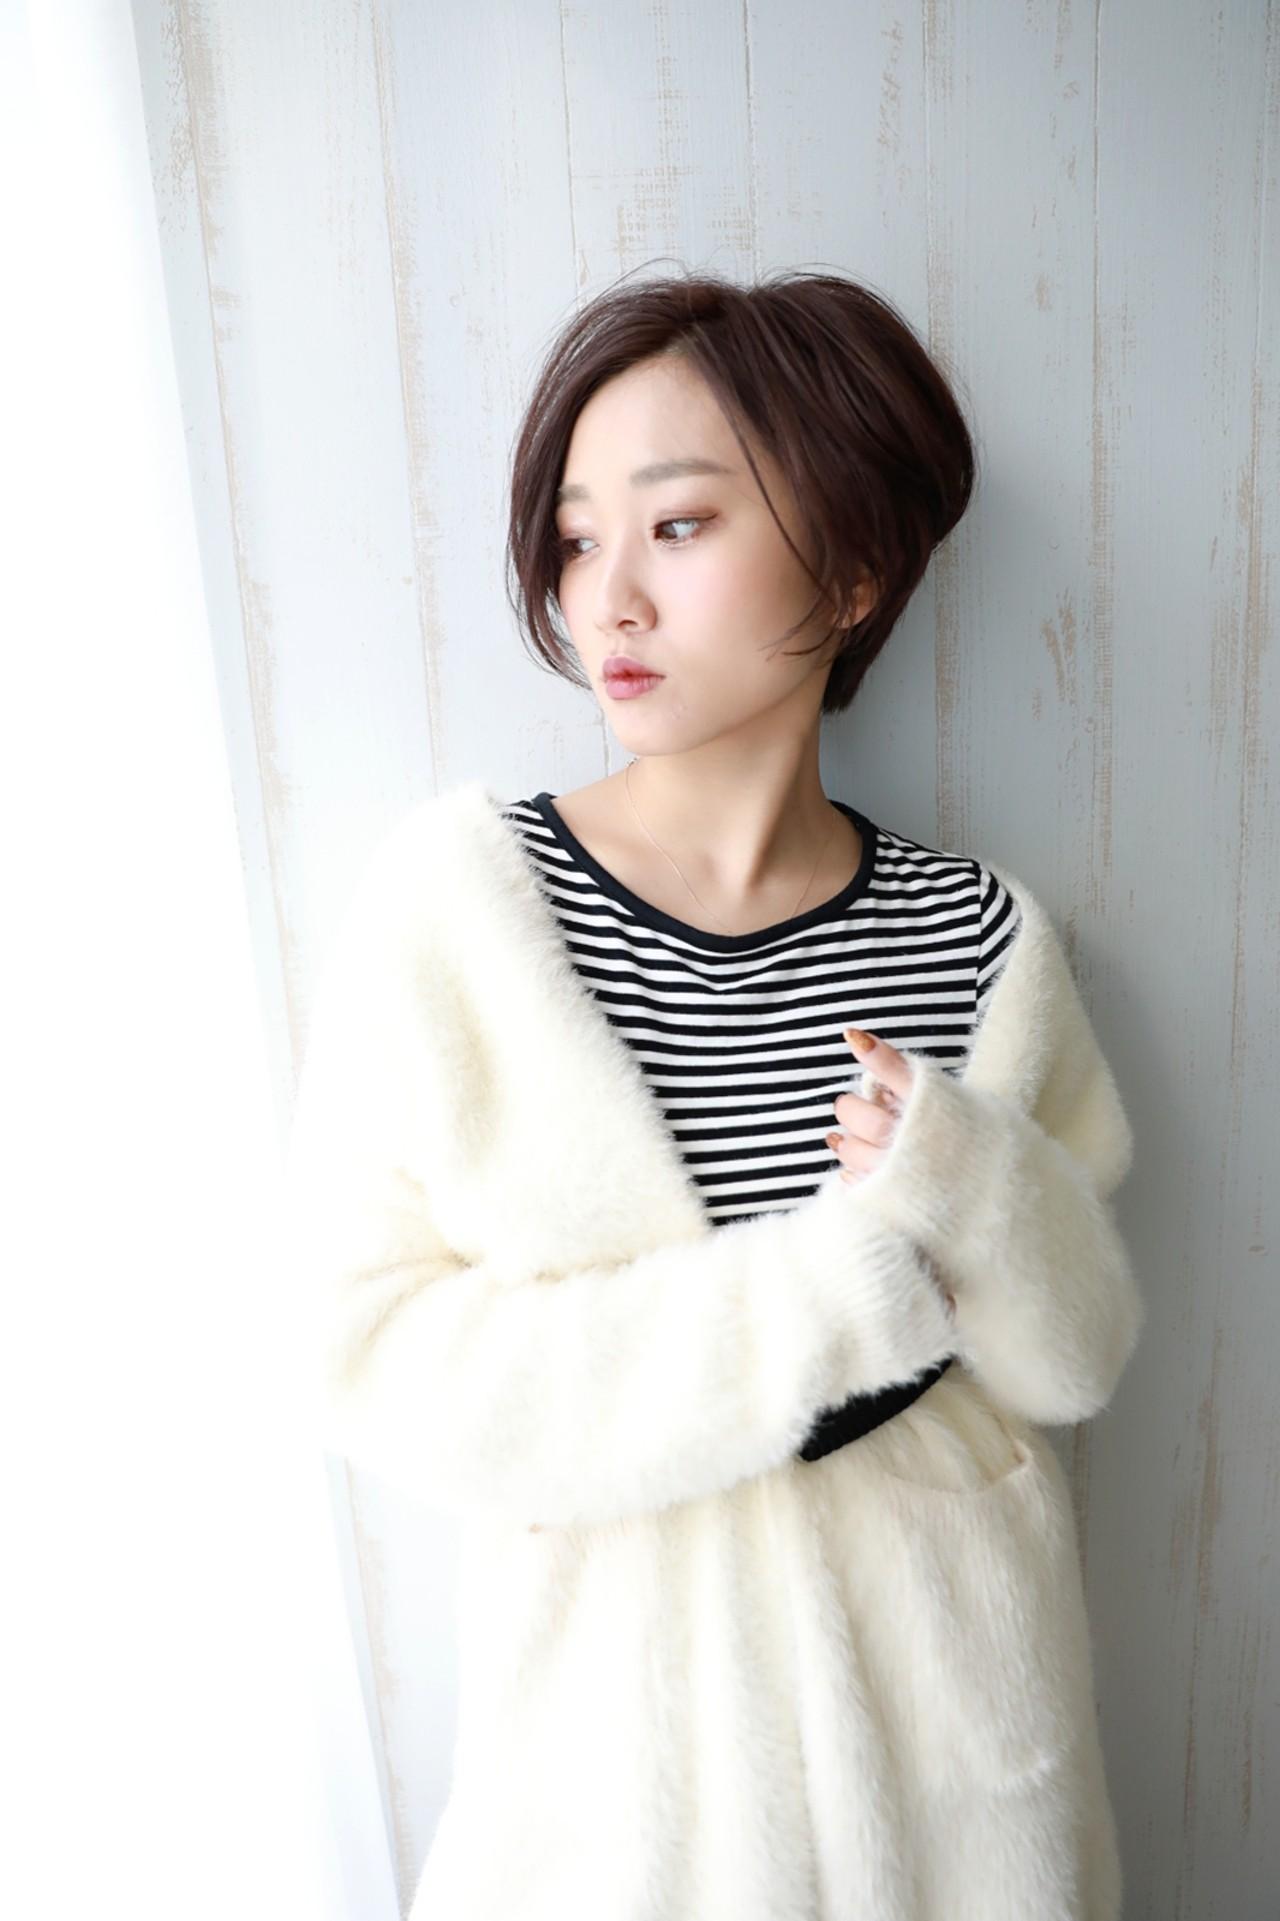 ナチュラル ショート 大人女子 似合わせ ヘアスタイルや髪型の写真・画像 | Naoko Miura / avant